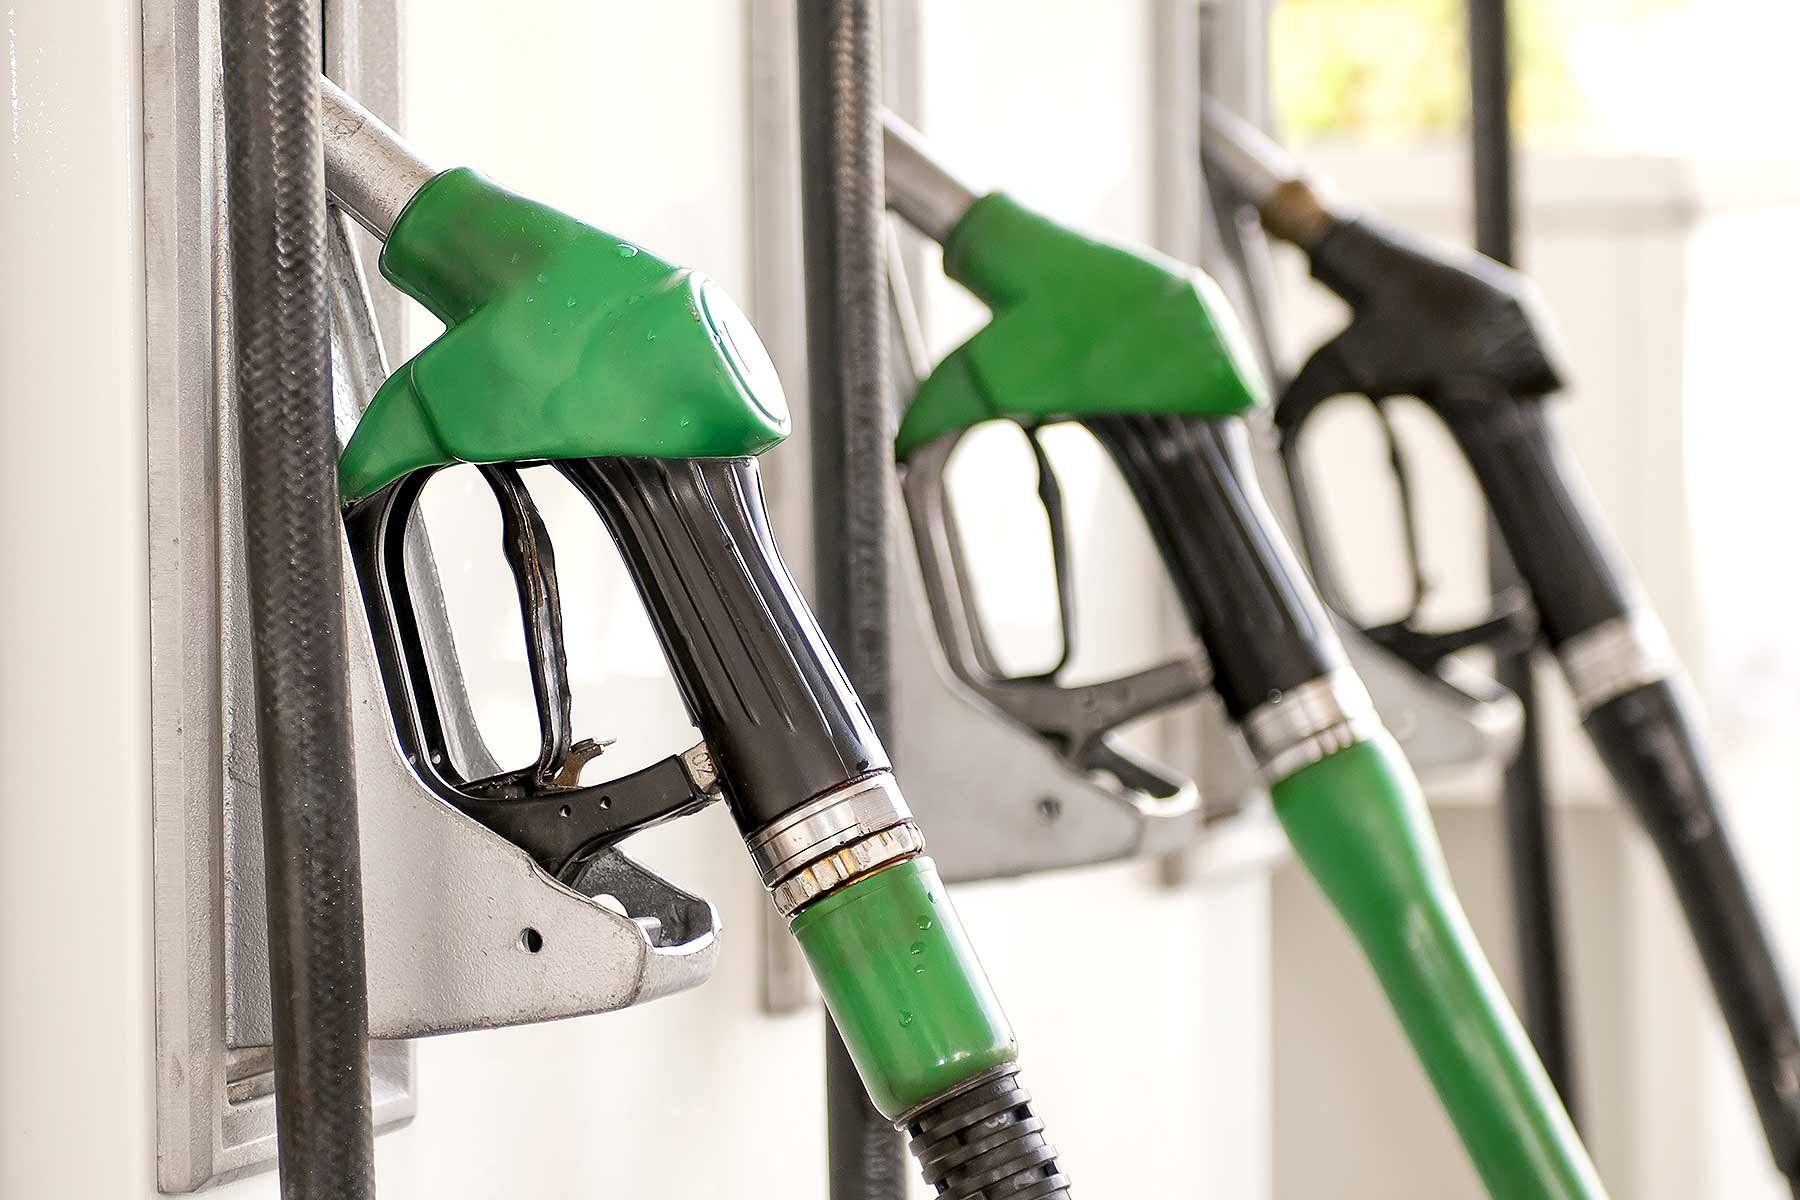 Filling station pumps